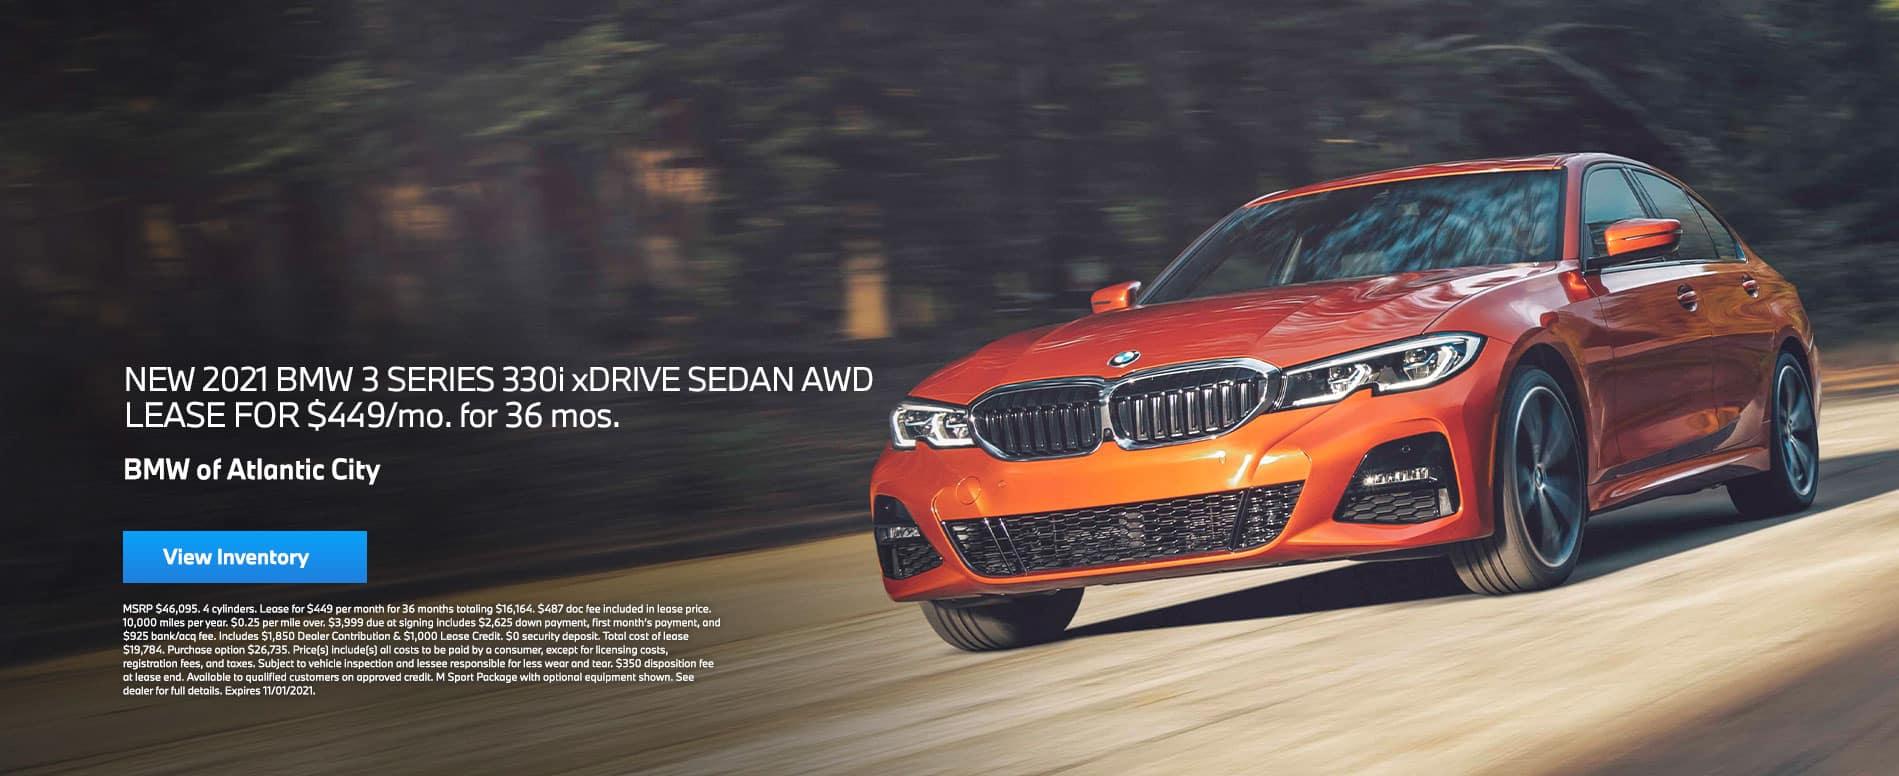 BMWofAC_Slide_1990x776_330i_10-2021